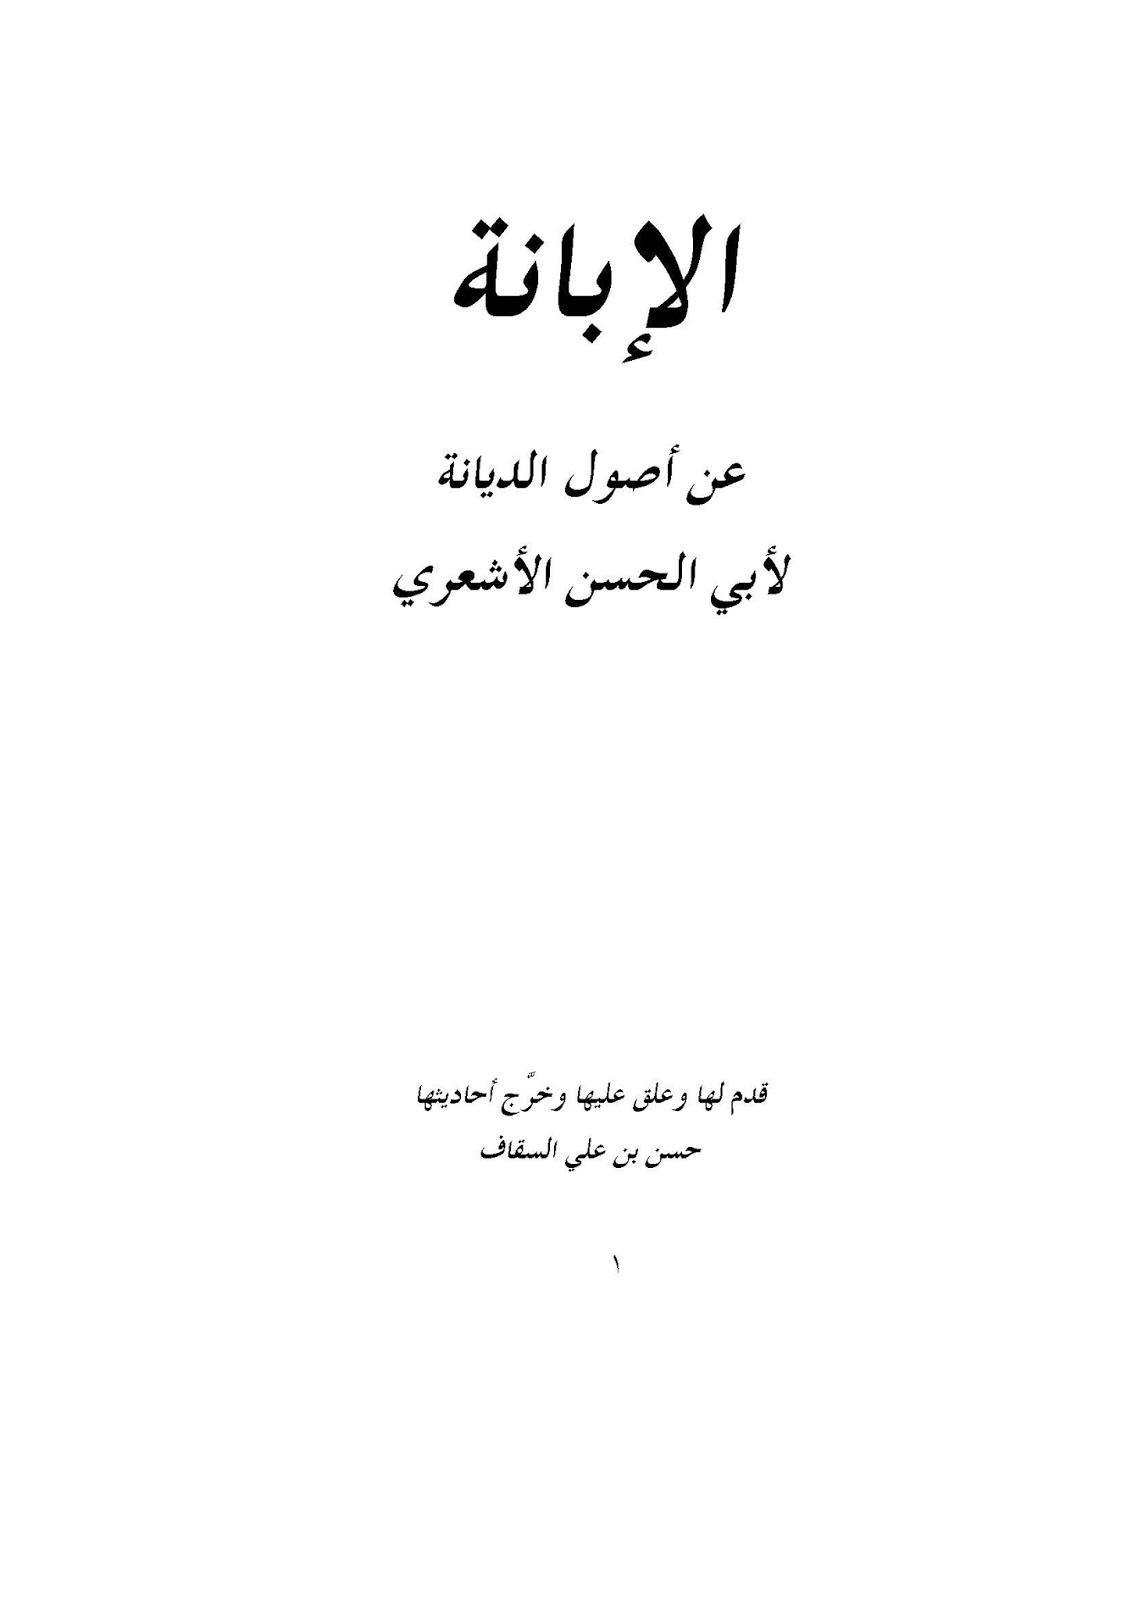 الإبانة عن أصول الديانة لأبو الحسن الأشعري - تحقيق حسن السقاف pdf